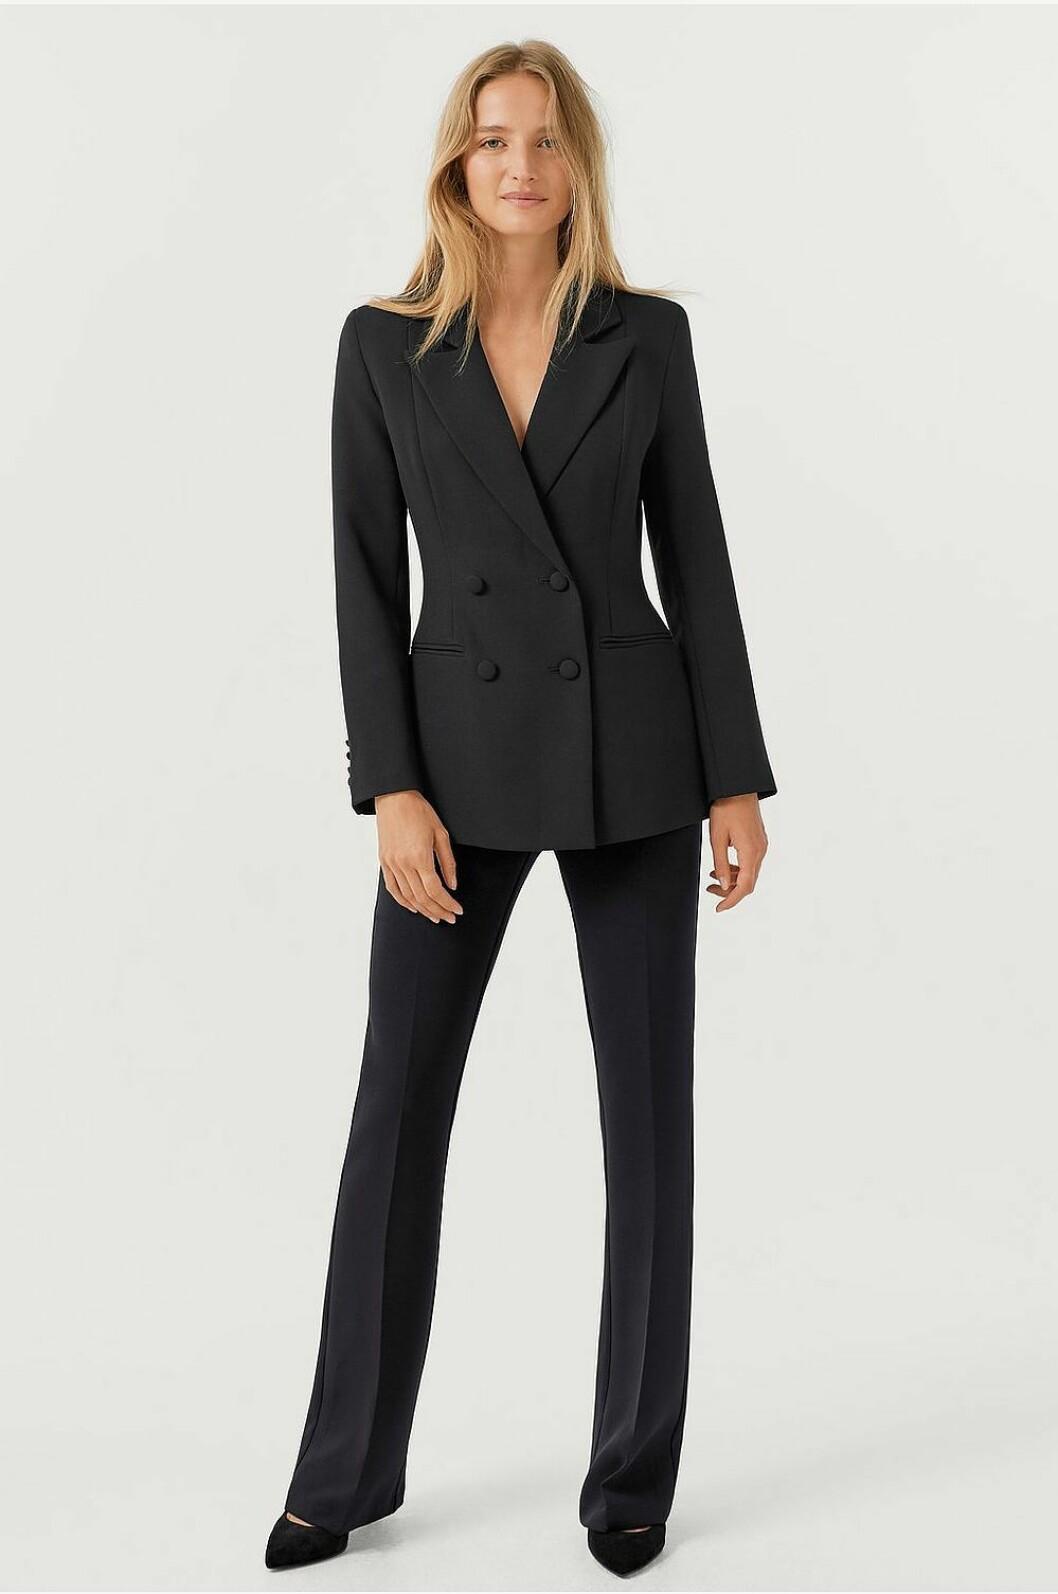 Svart kostym för dam till festen 2019